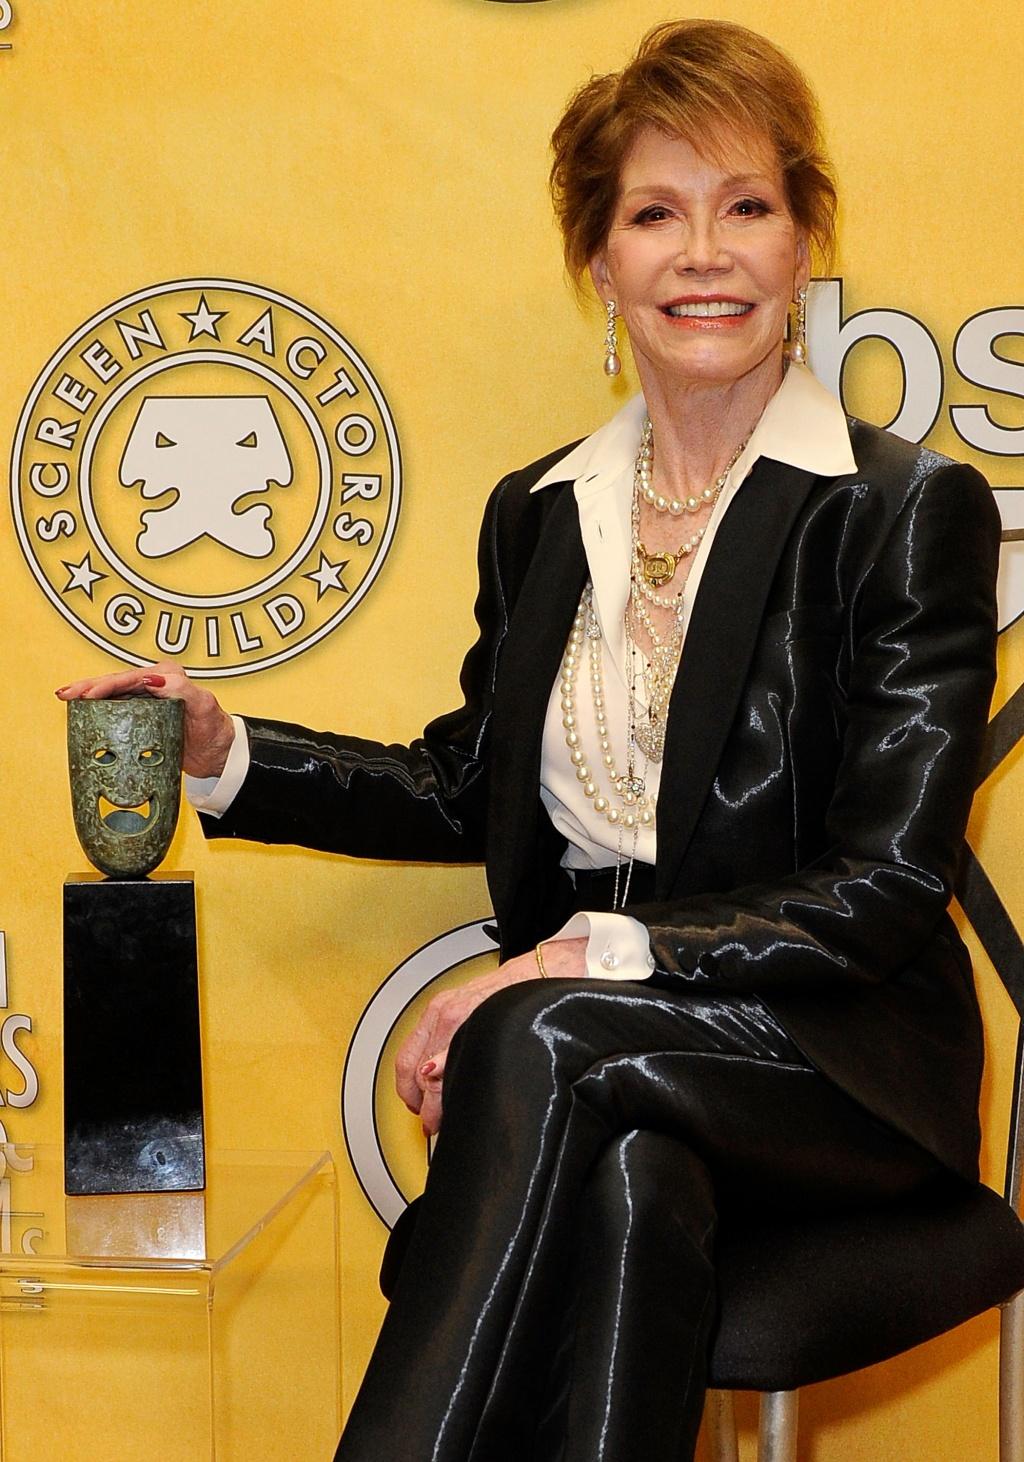 Почётной наградой за достижения на протяжении всей актёрской карьеры была награждена Мэри Тайлер Мур